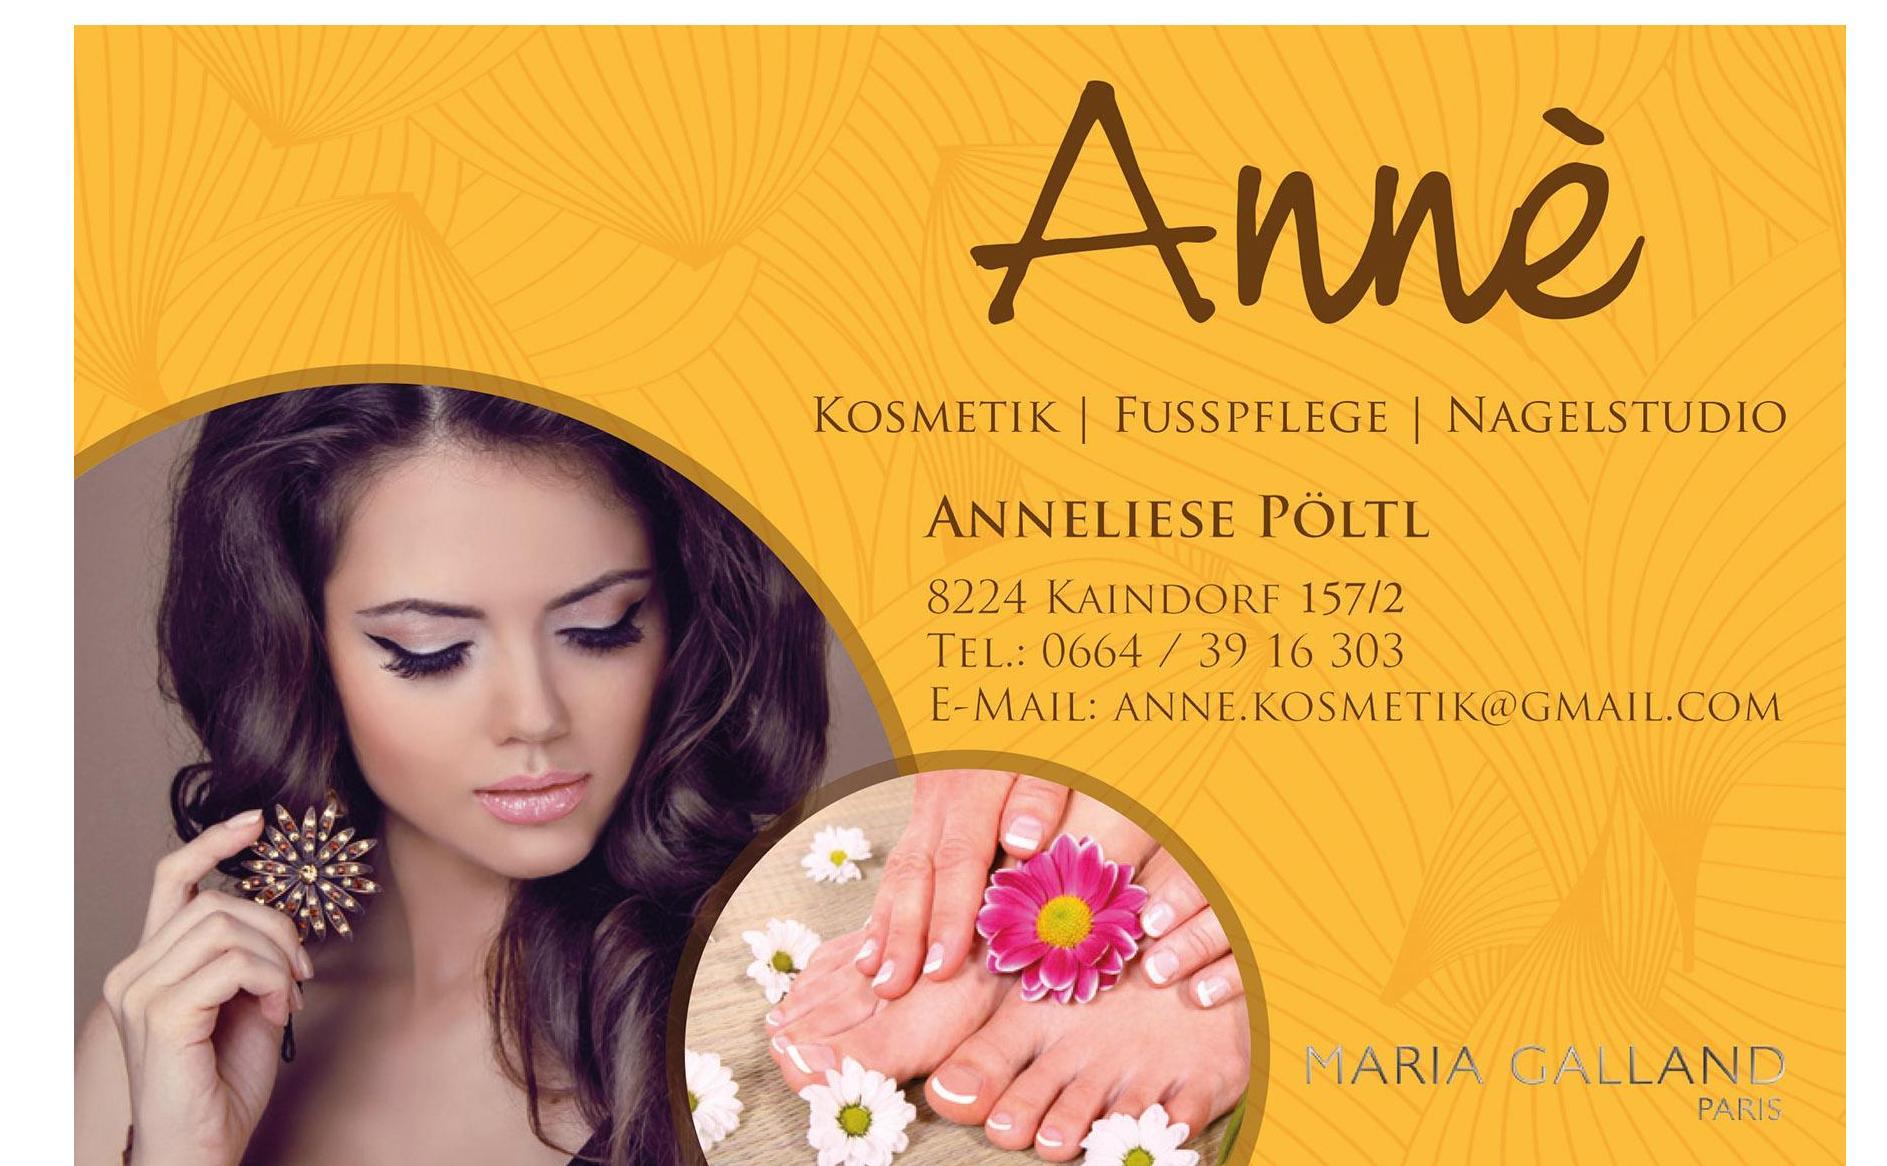 Pöltl Anneliese